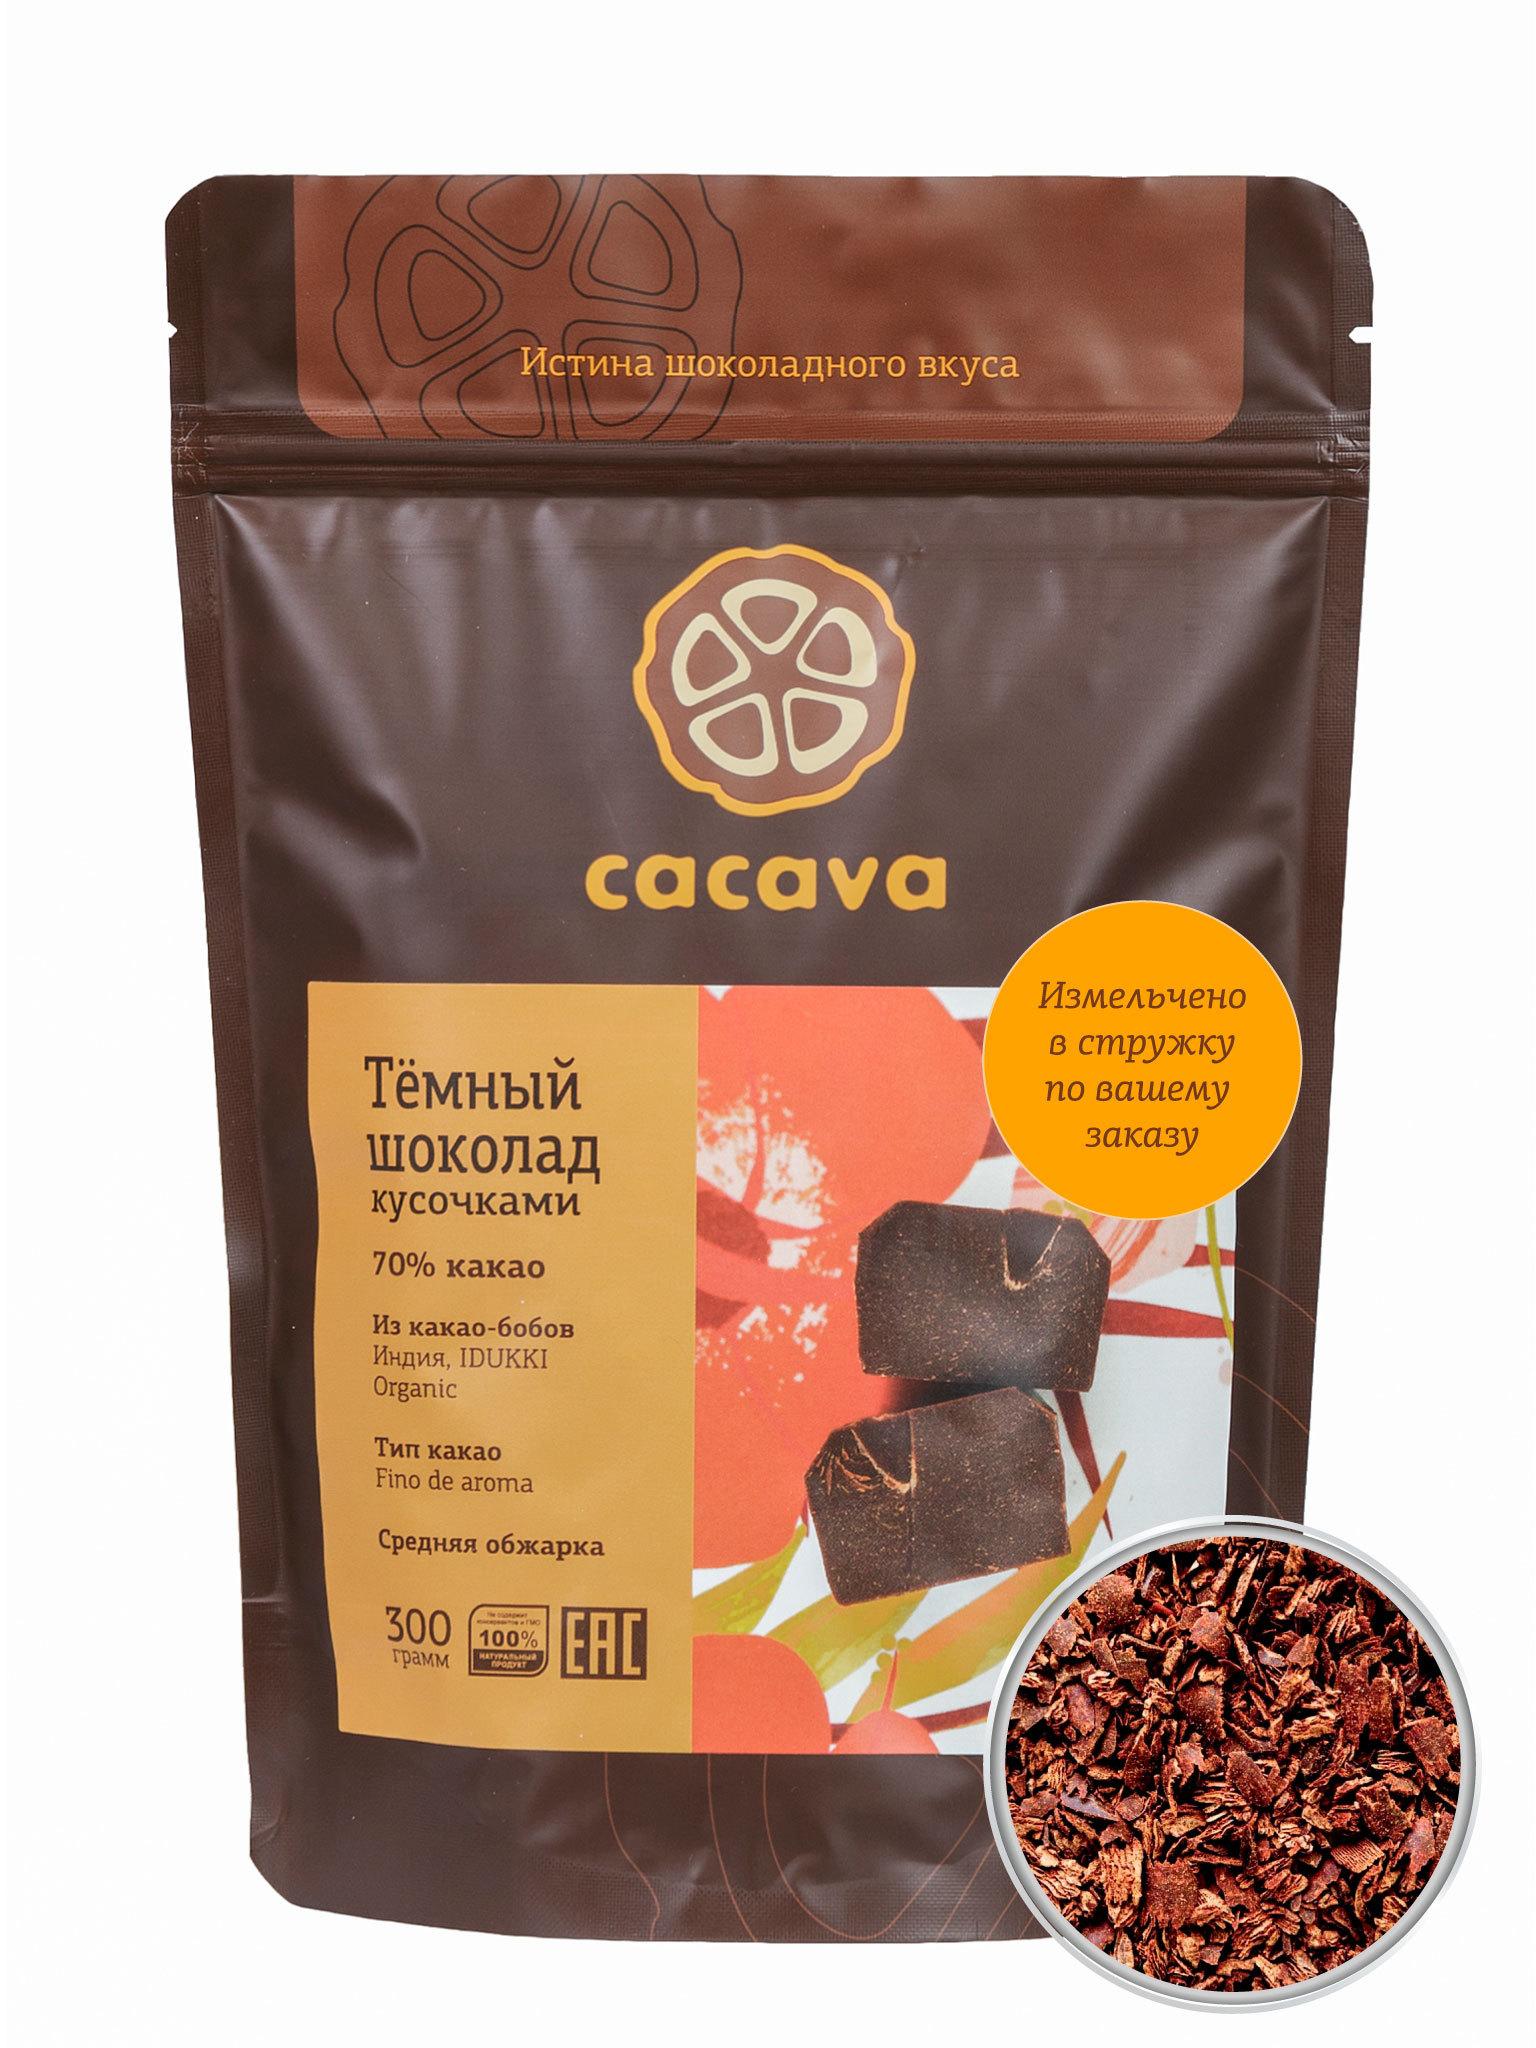 Тёмный шоколад 70 % какао в стружке (Индия, IDUKKI), упаковка 300 грамм